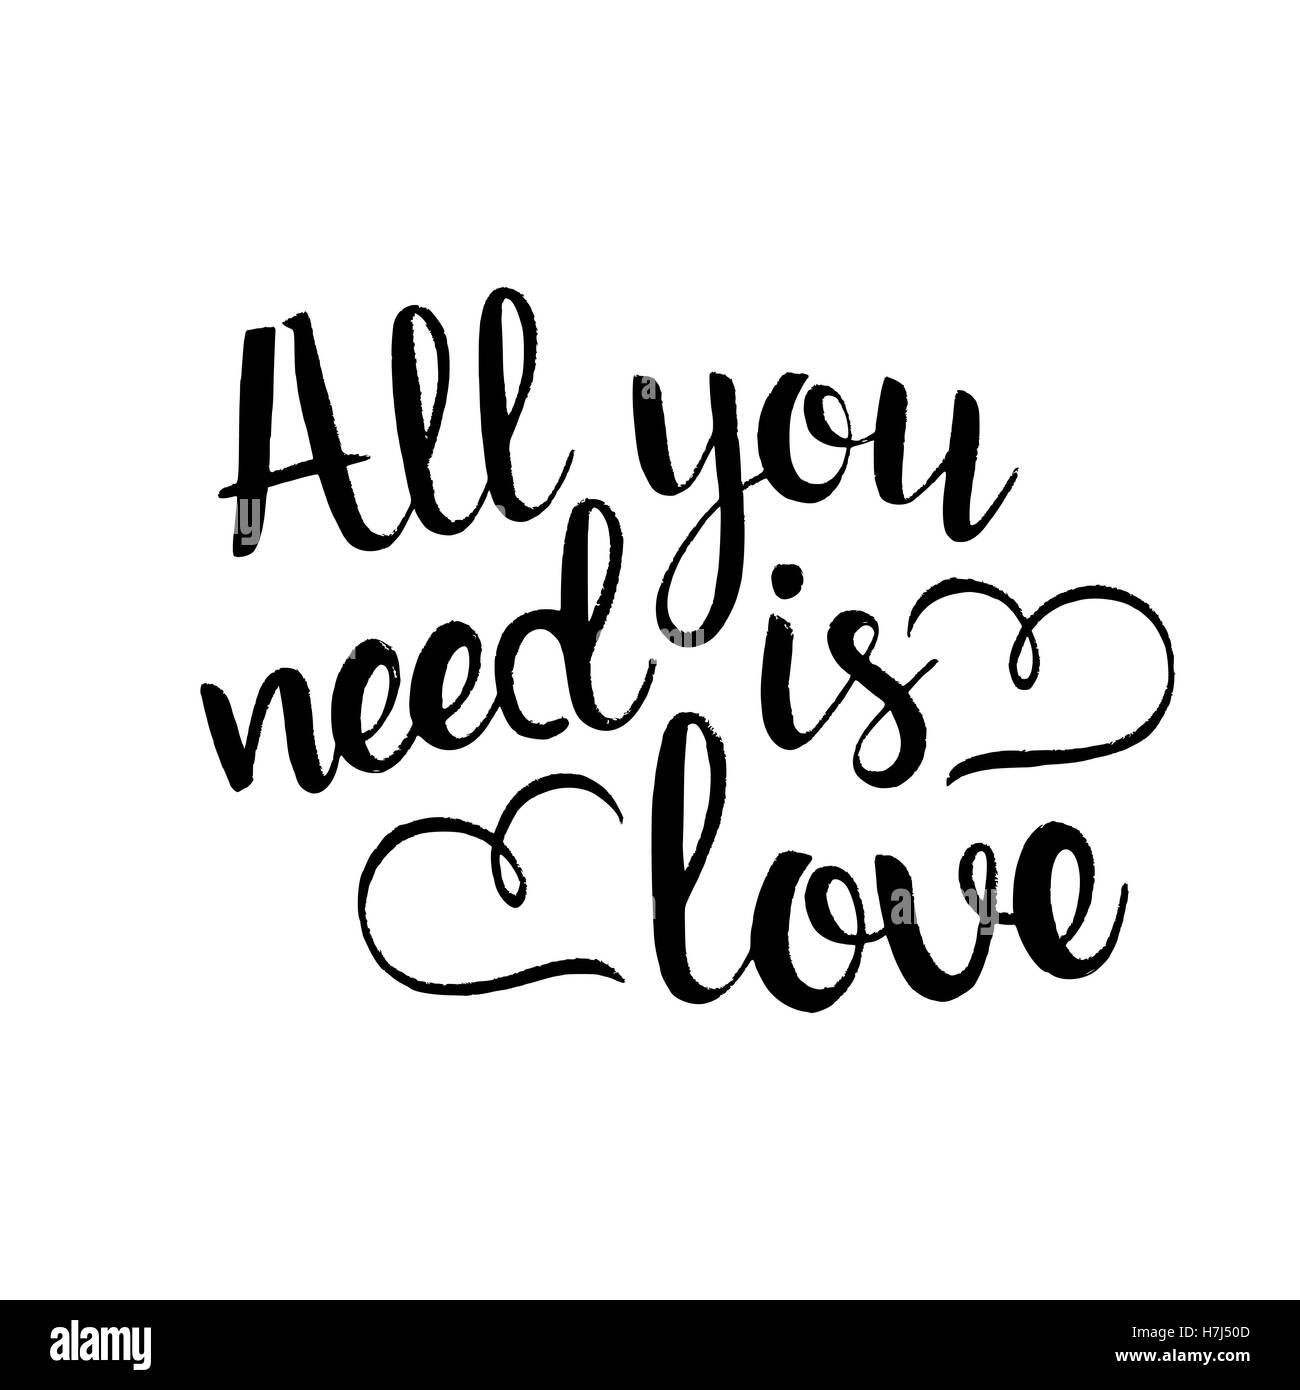 Tout ce qu'il vous faut, c'est l'amour des lettres manuscrites. Happy Valentine's Day. Phrase d'inspiration. La calligraphie moderne vector hand drawn Illustration de Vecteur